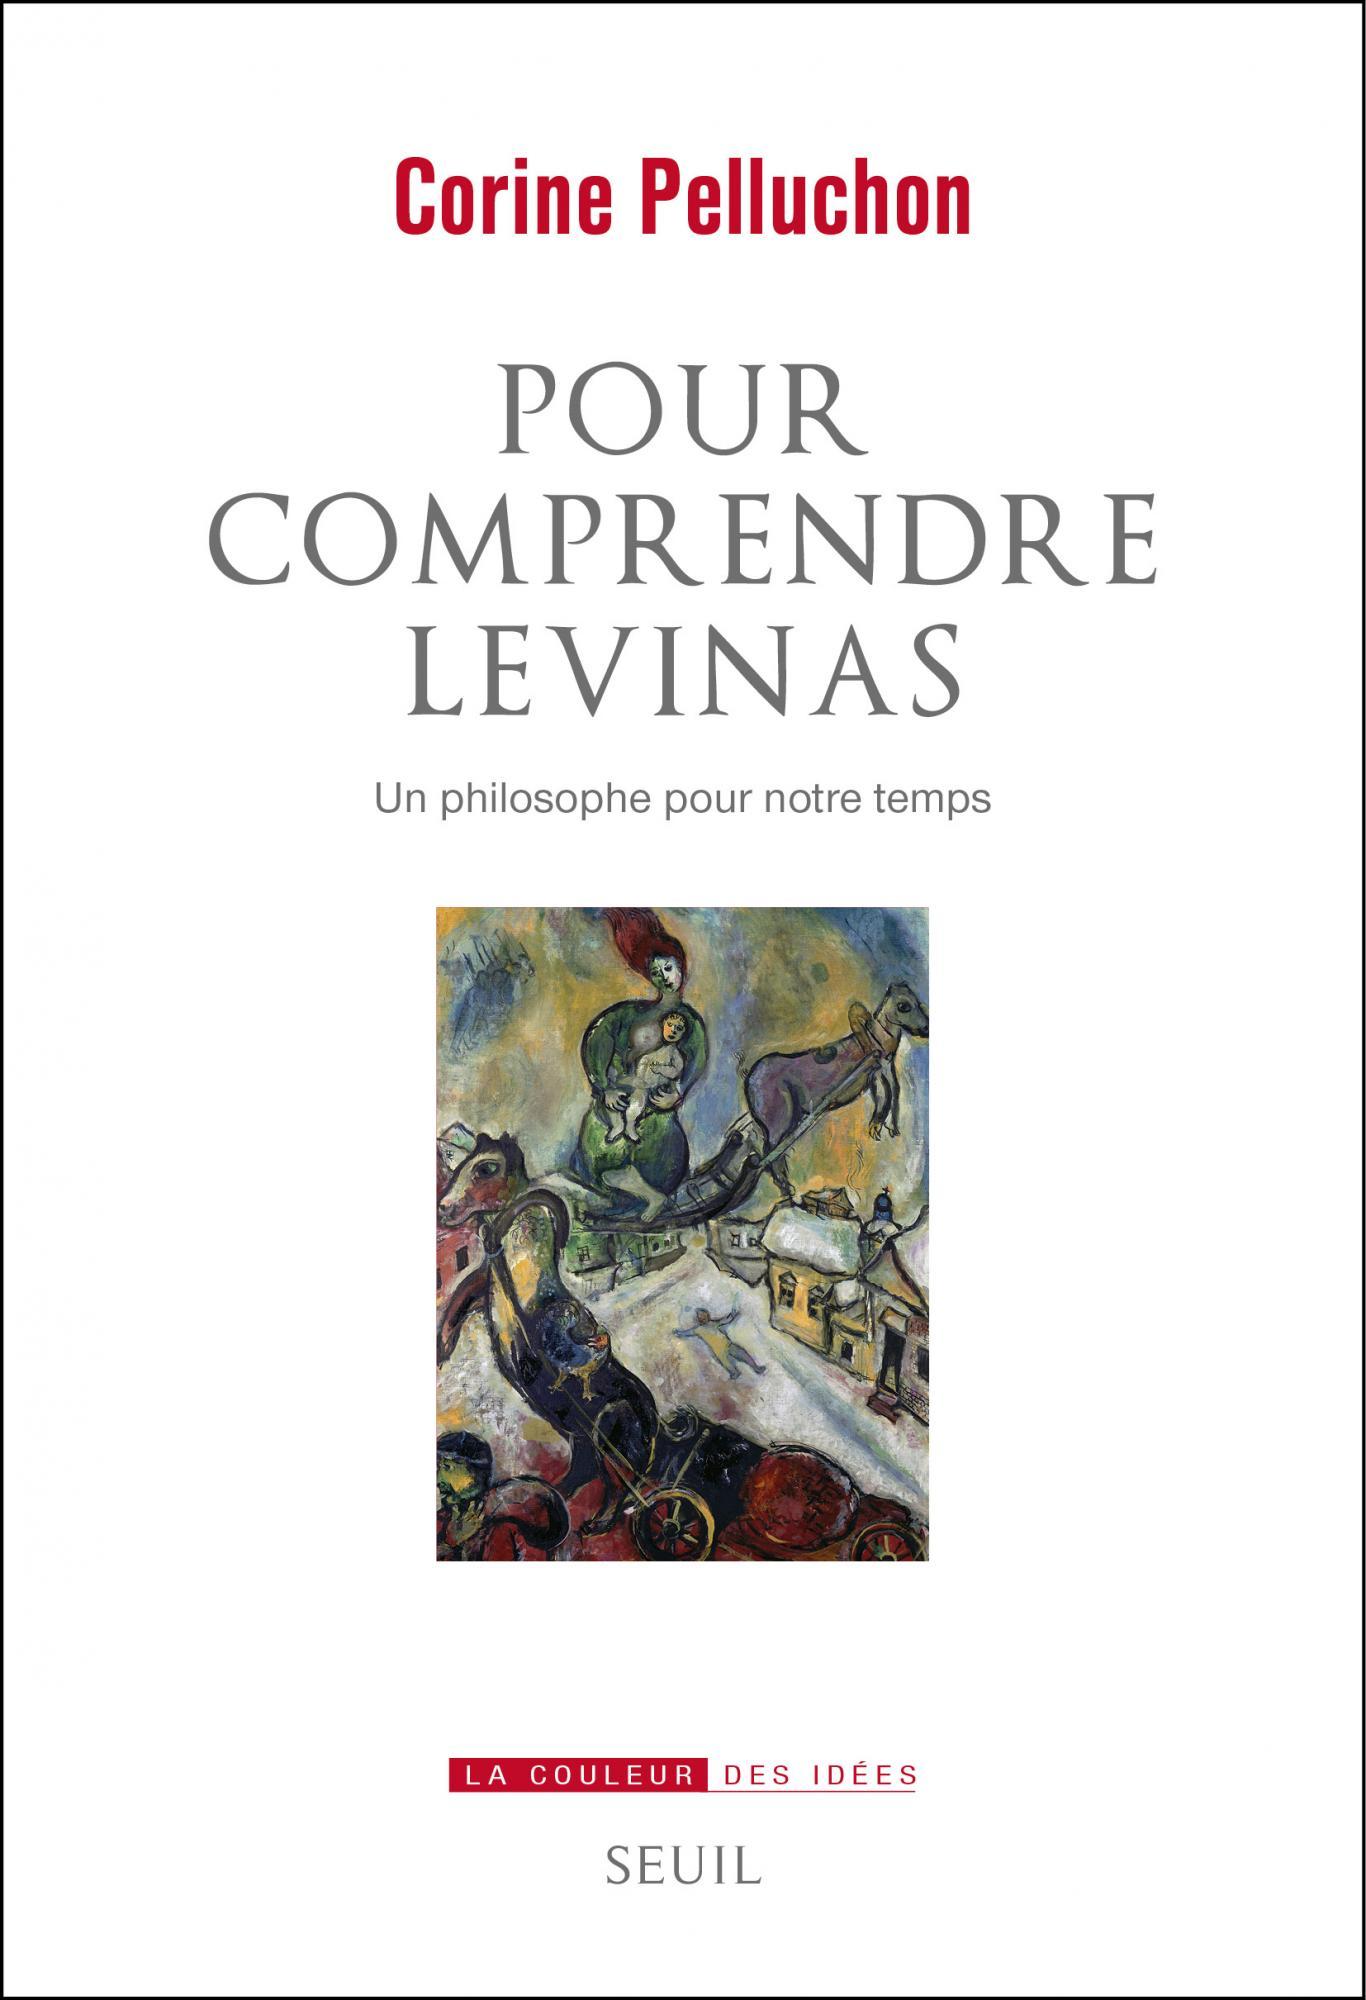 C. Pelluchon, Pour comprendre Levinas. Un philosophe pour notre temps